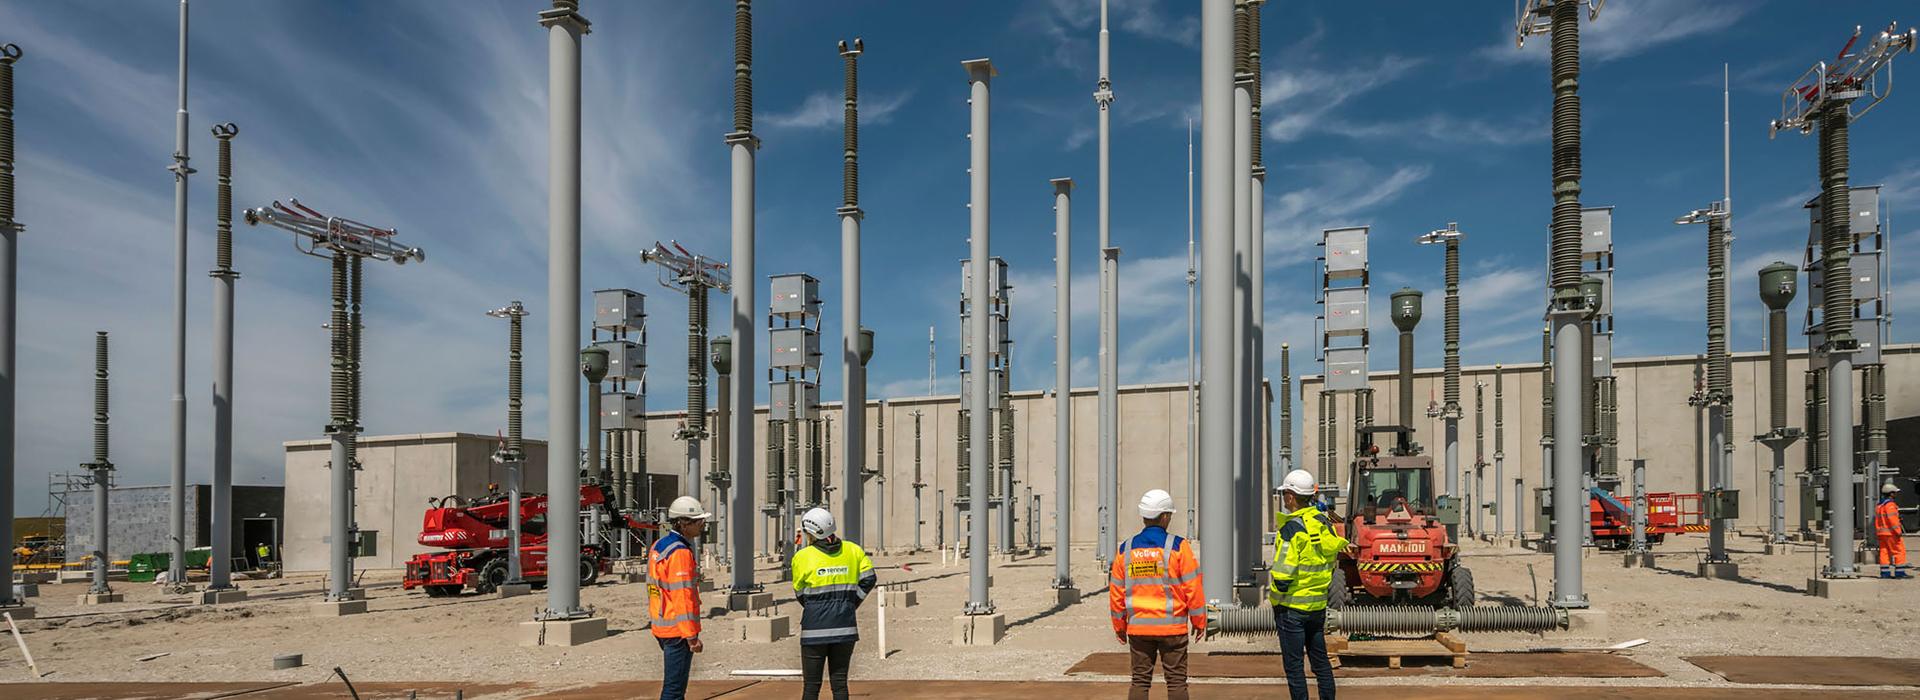 volker energy solutions hkz